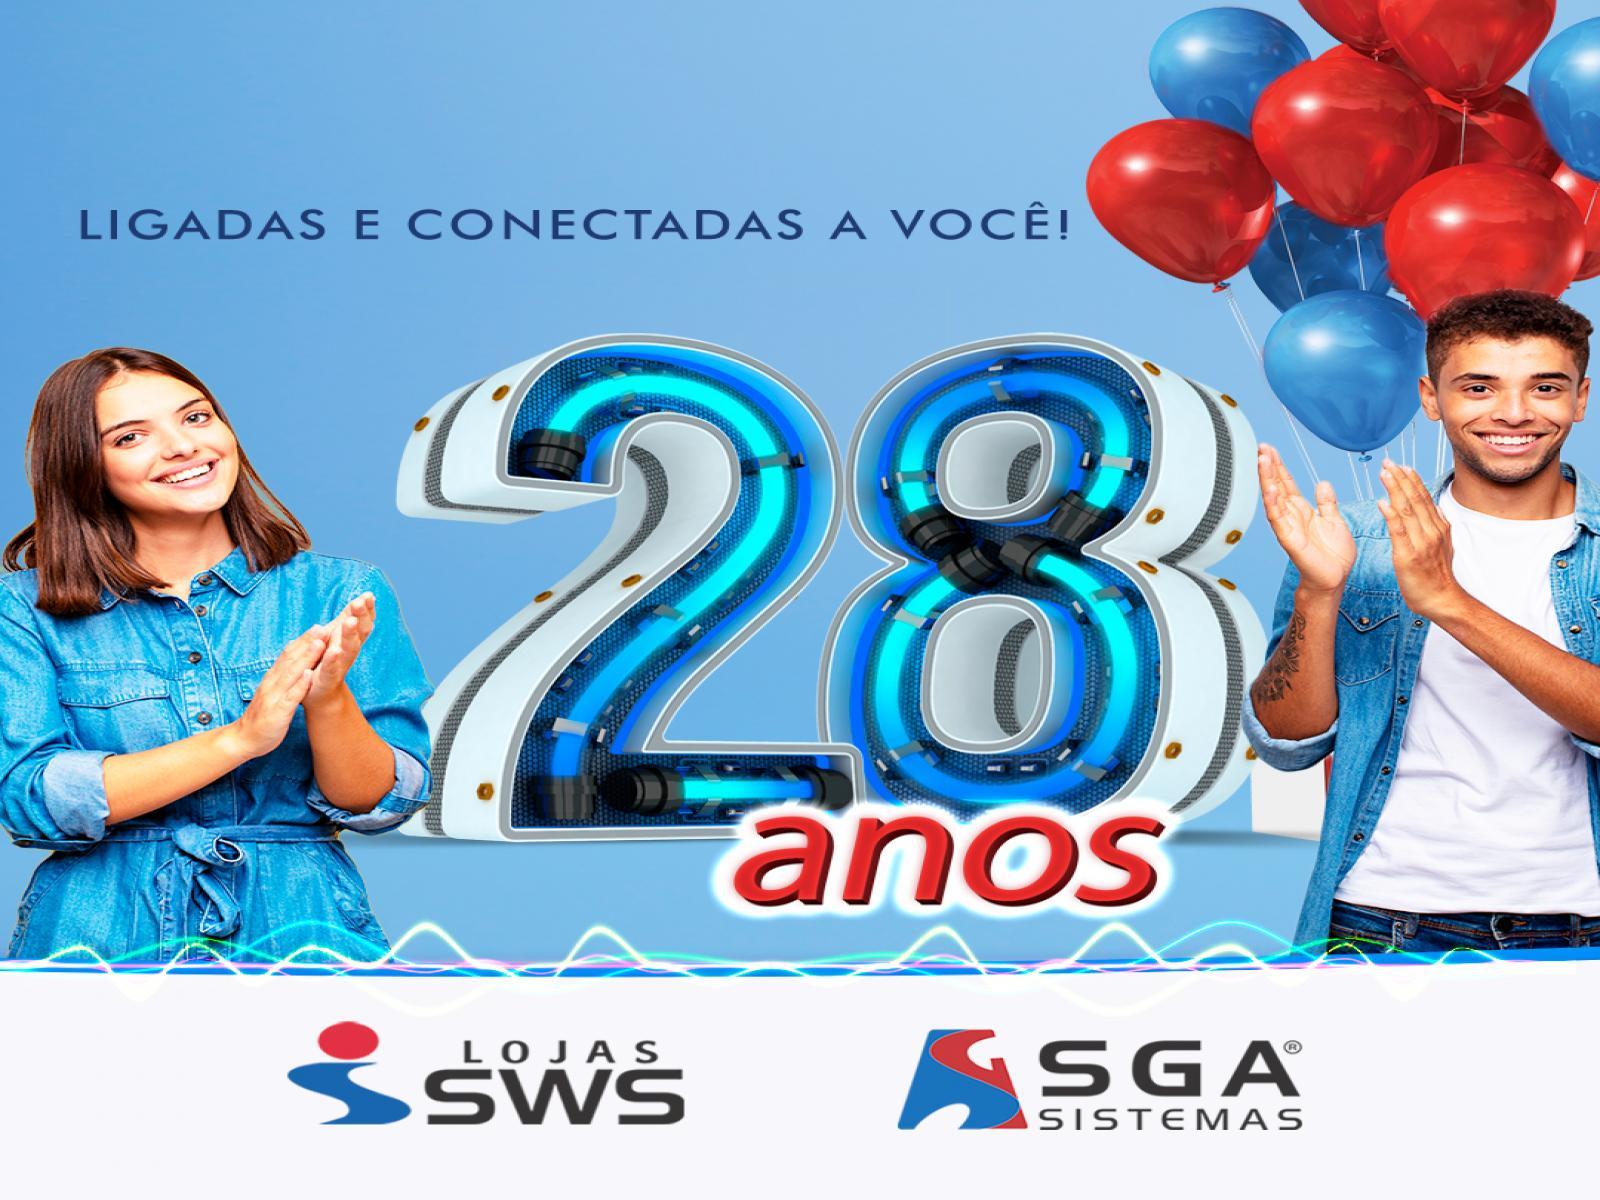 Lojas SWS e SGA Sistemas: 28 anos de avanços em gestão empresarial e evolução tecnológica